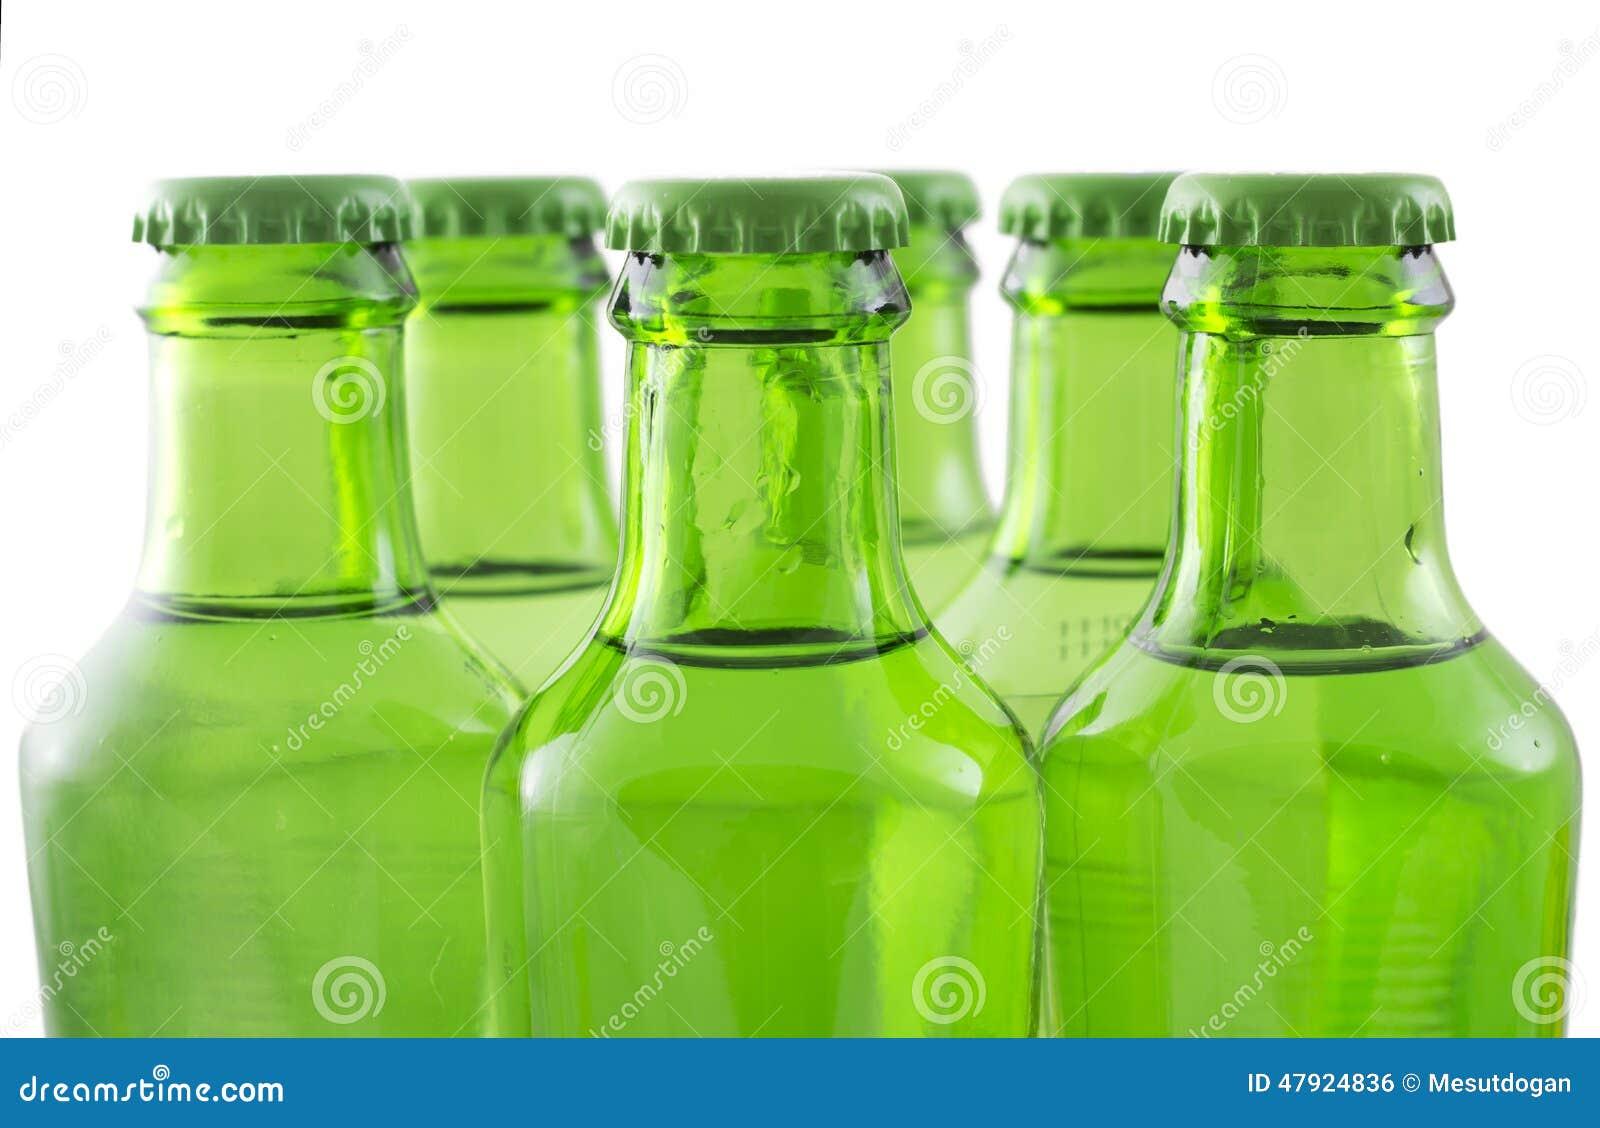 Green bottles of soda water